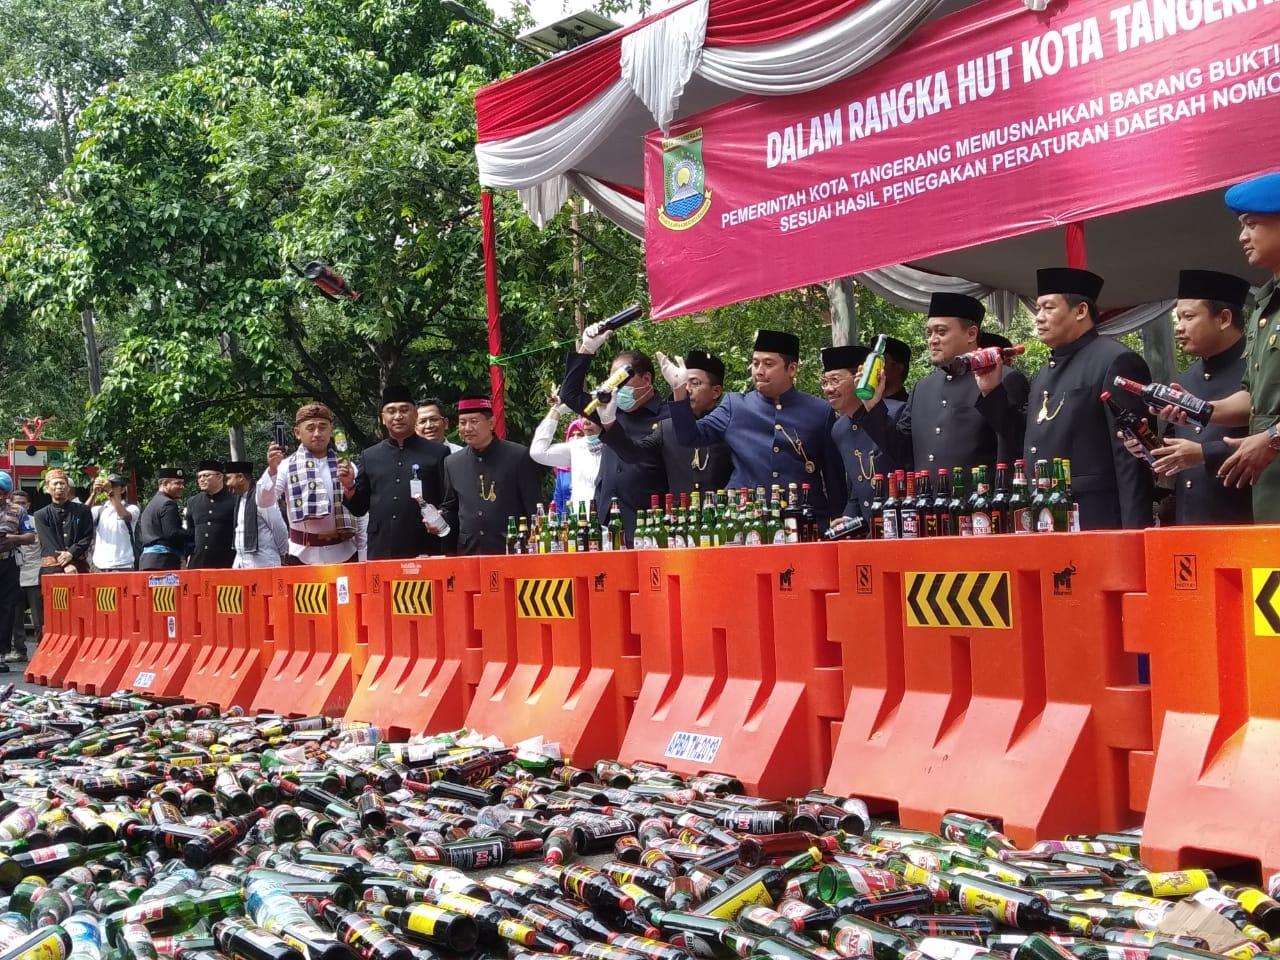 Wali Kota Tangerang Arief R. Wismansyah saat memimpin pemusnahan miras di halaman gedung Pusat Pemerintahan Kota Tangerang.